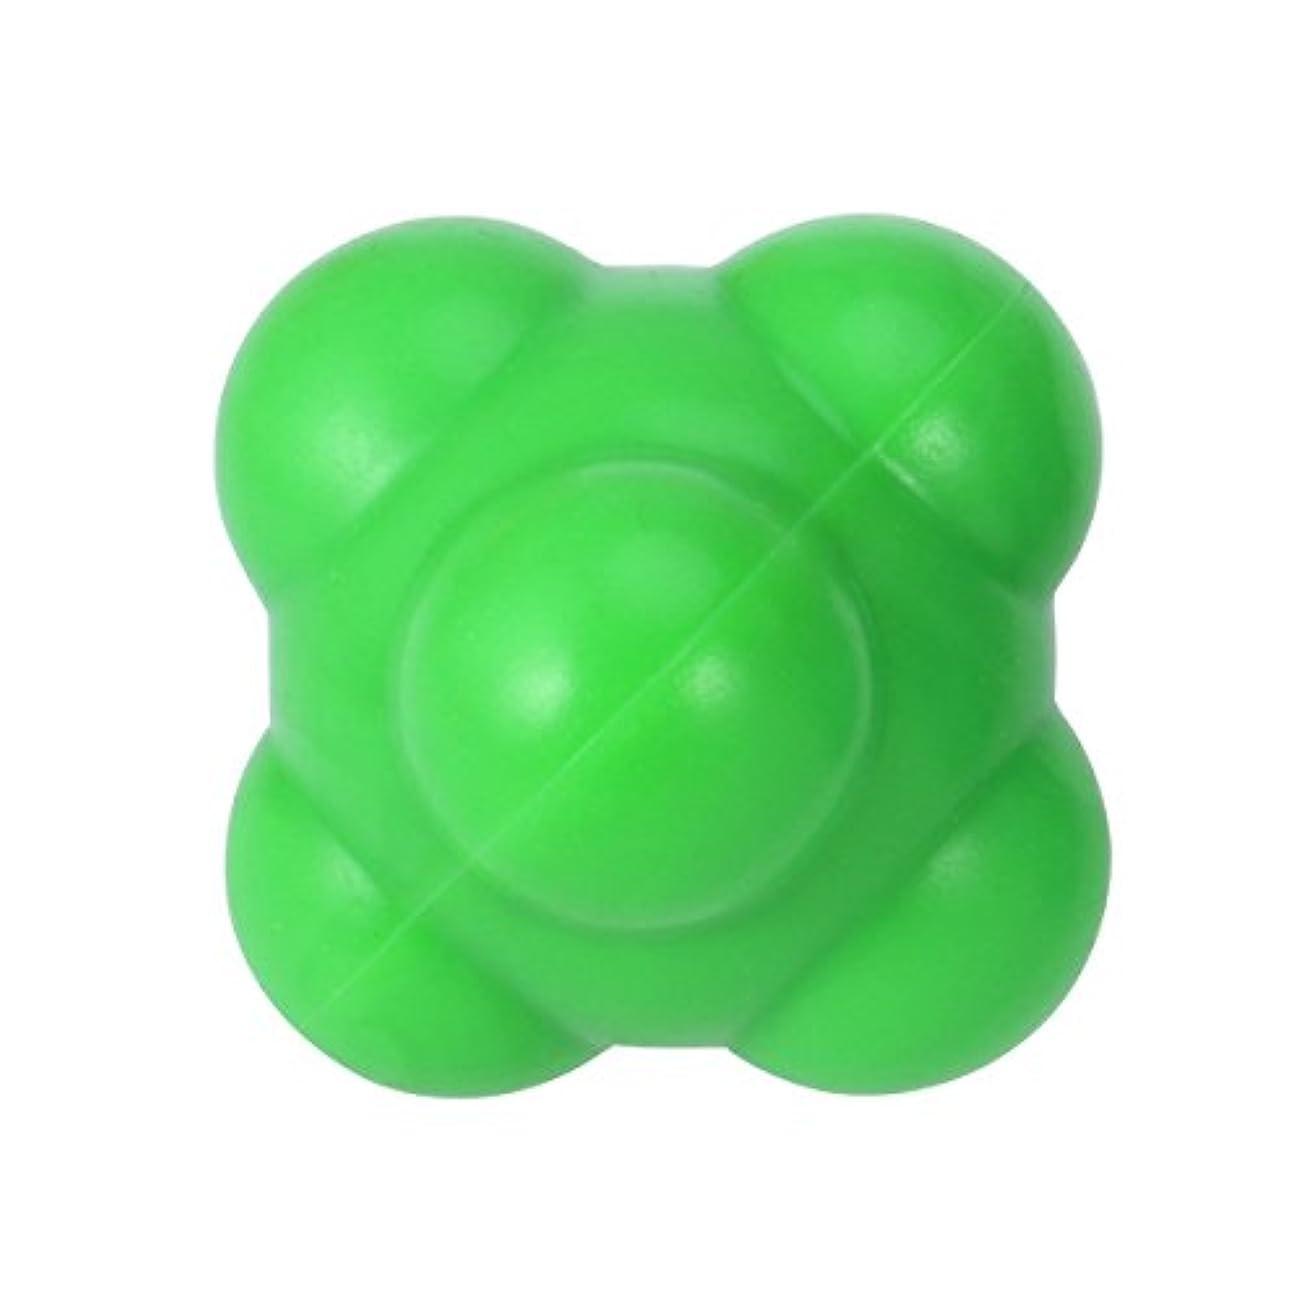 キャッシュバックグラウンドマダムSUPVOX 反応ボール 敏捷性とスピードハンドアイ調整(グリーン)